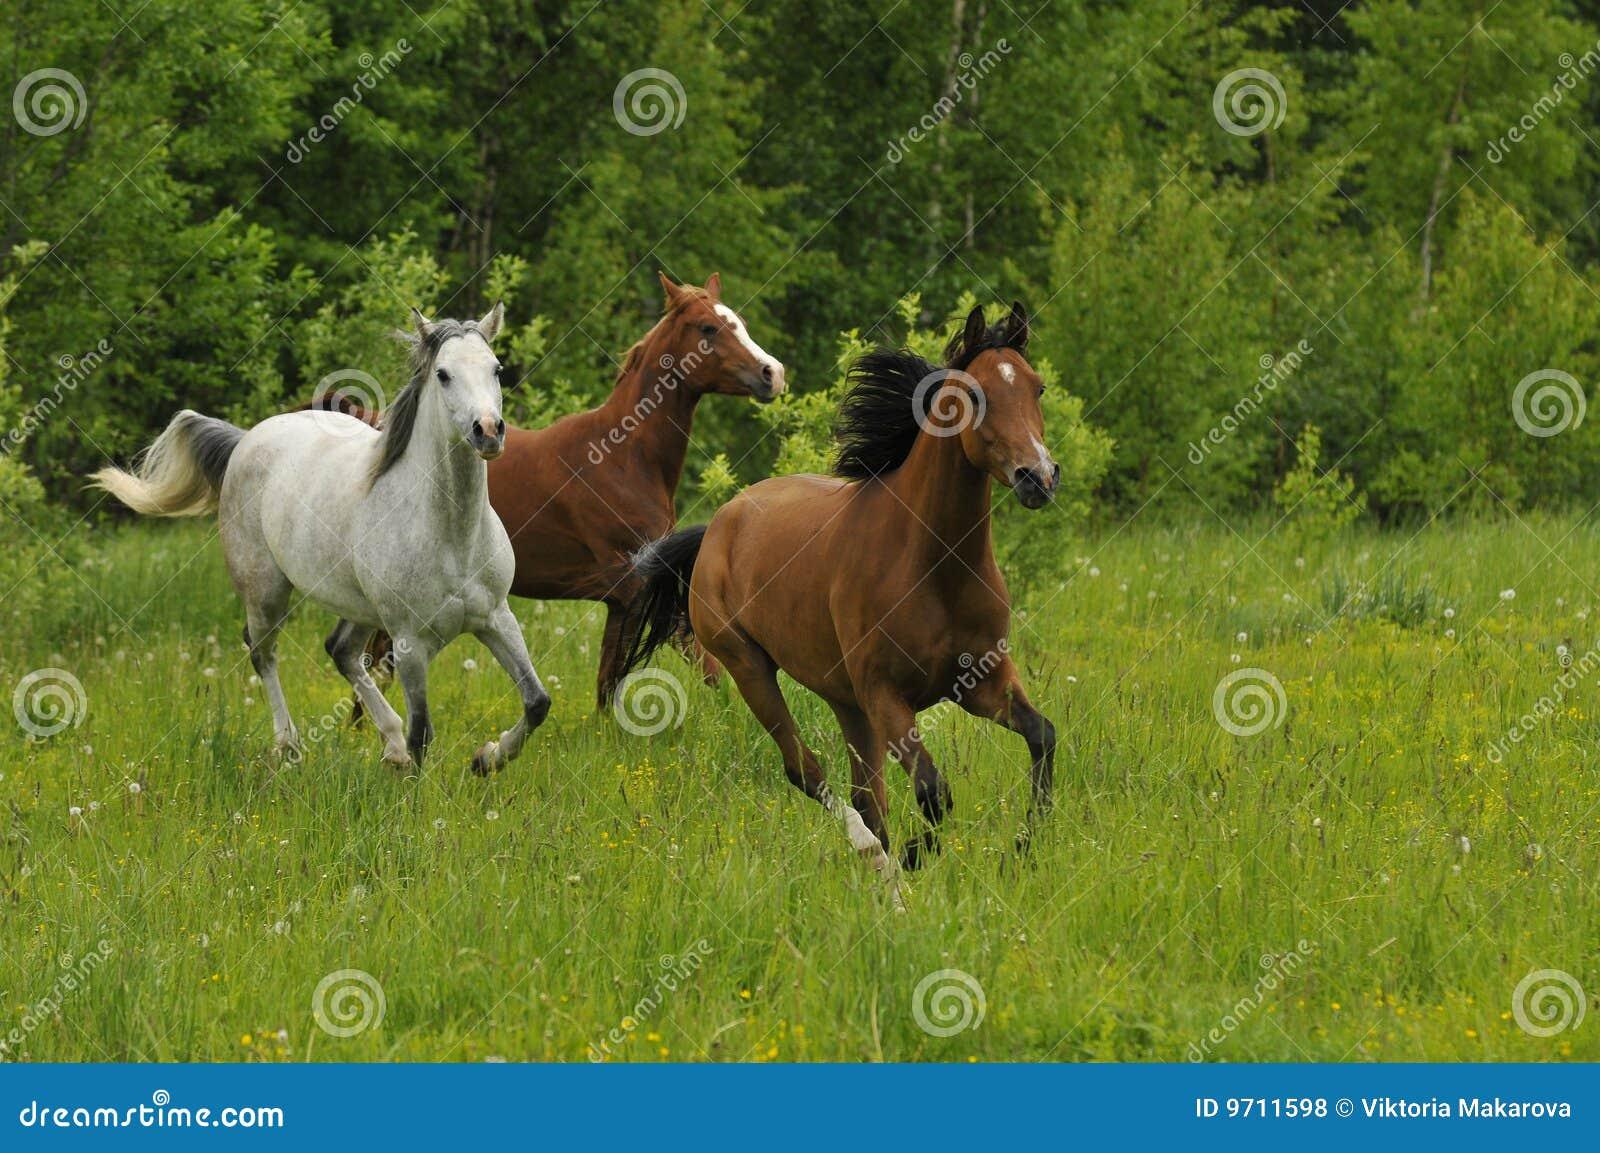 Galoppierende Pferde Auf Wiese Am Sommer Stockfoto - Bild von gruppe ...